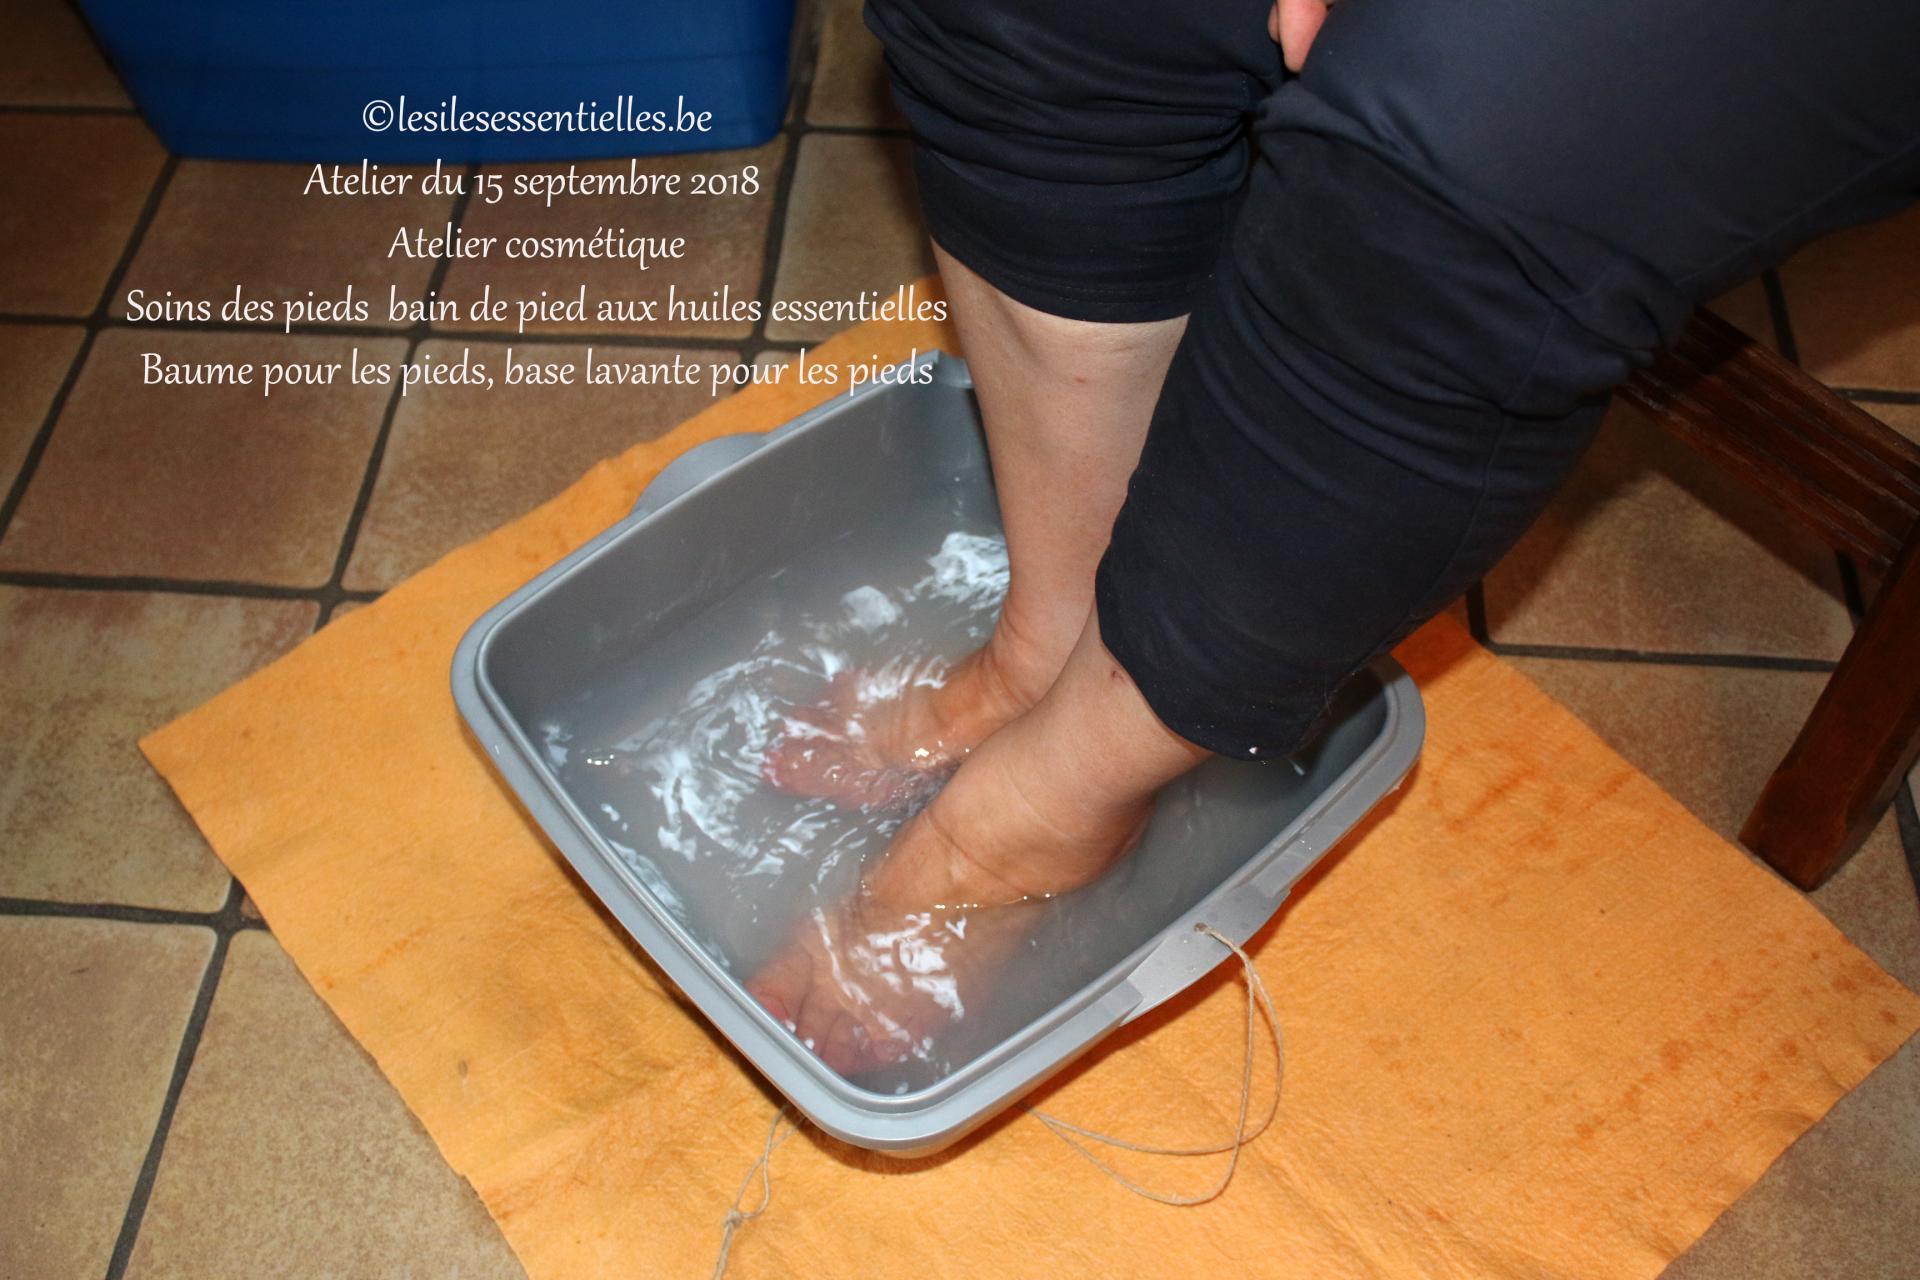 Soins des pieds  bain de pied aux huiles essentielles  Atelier pratique